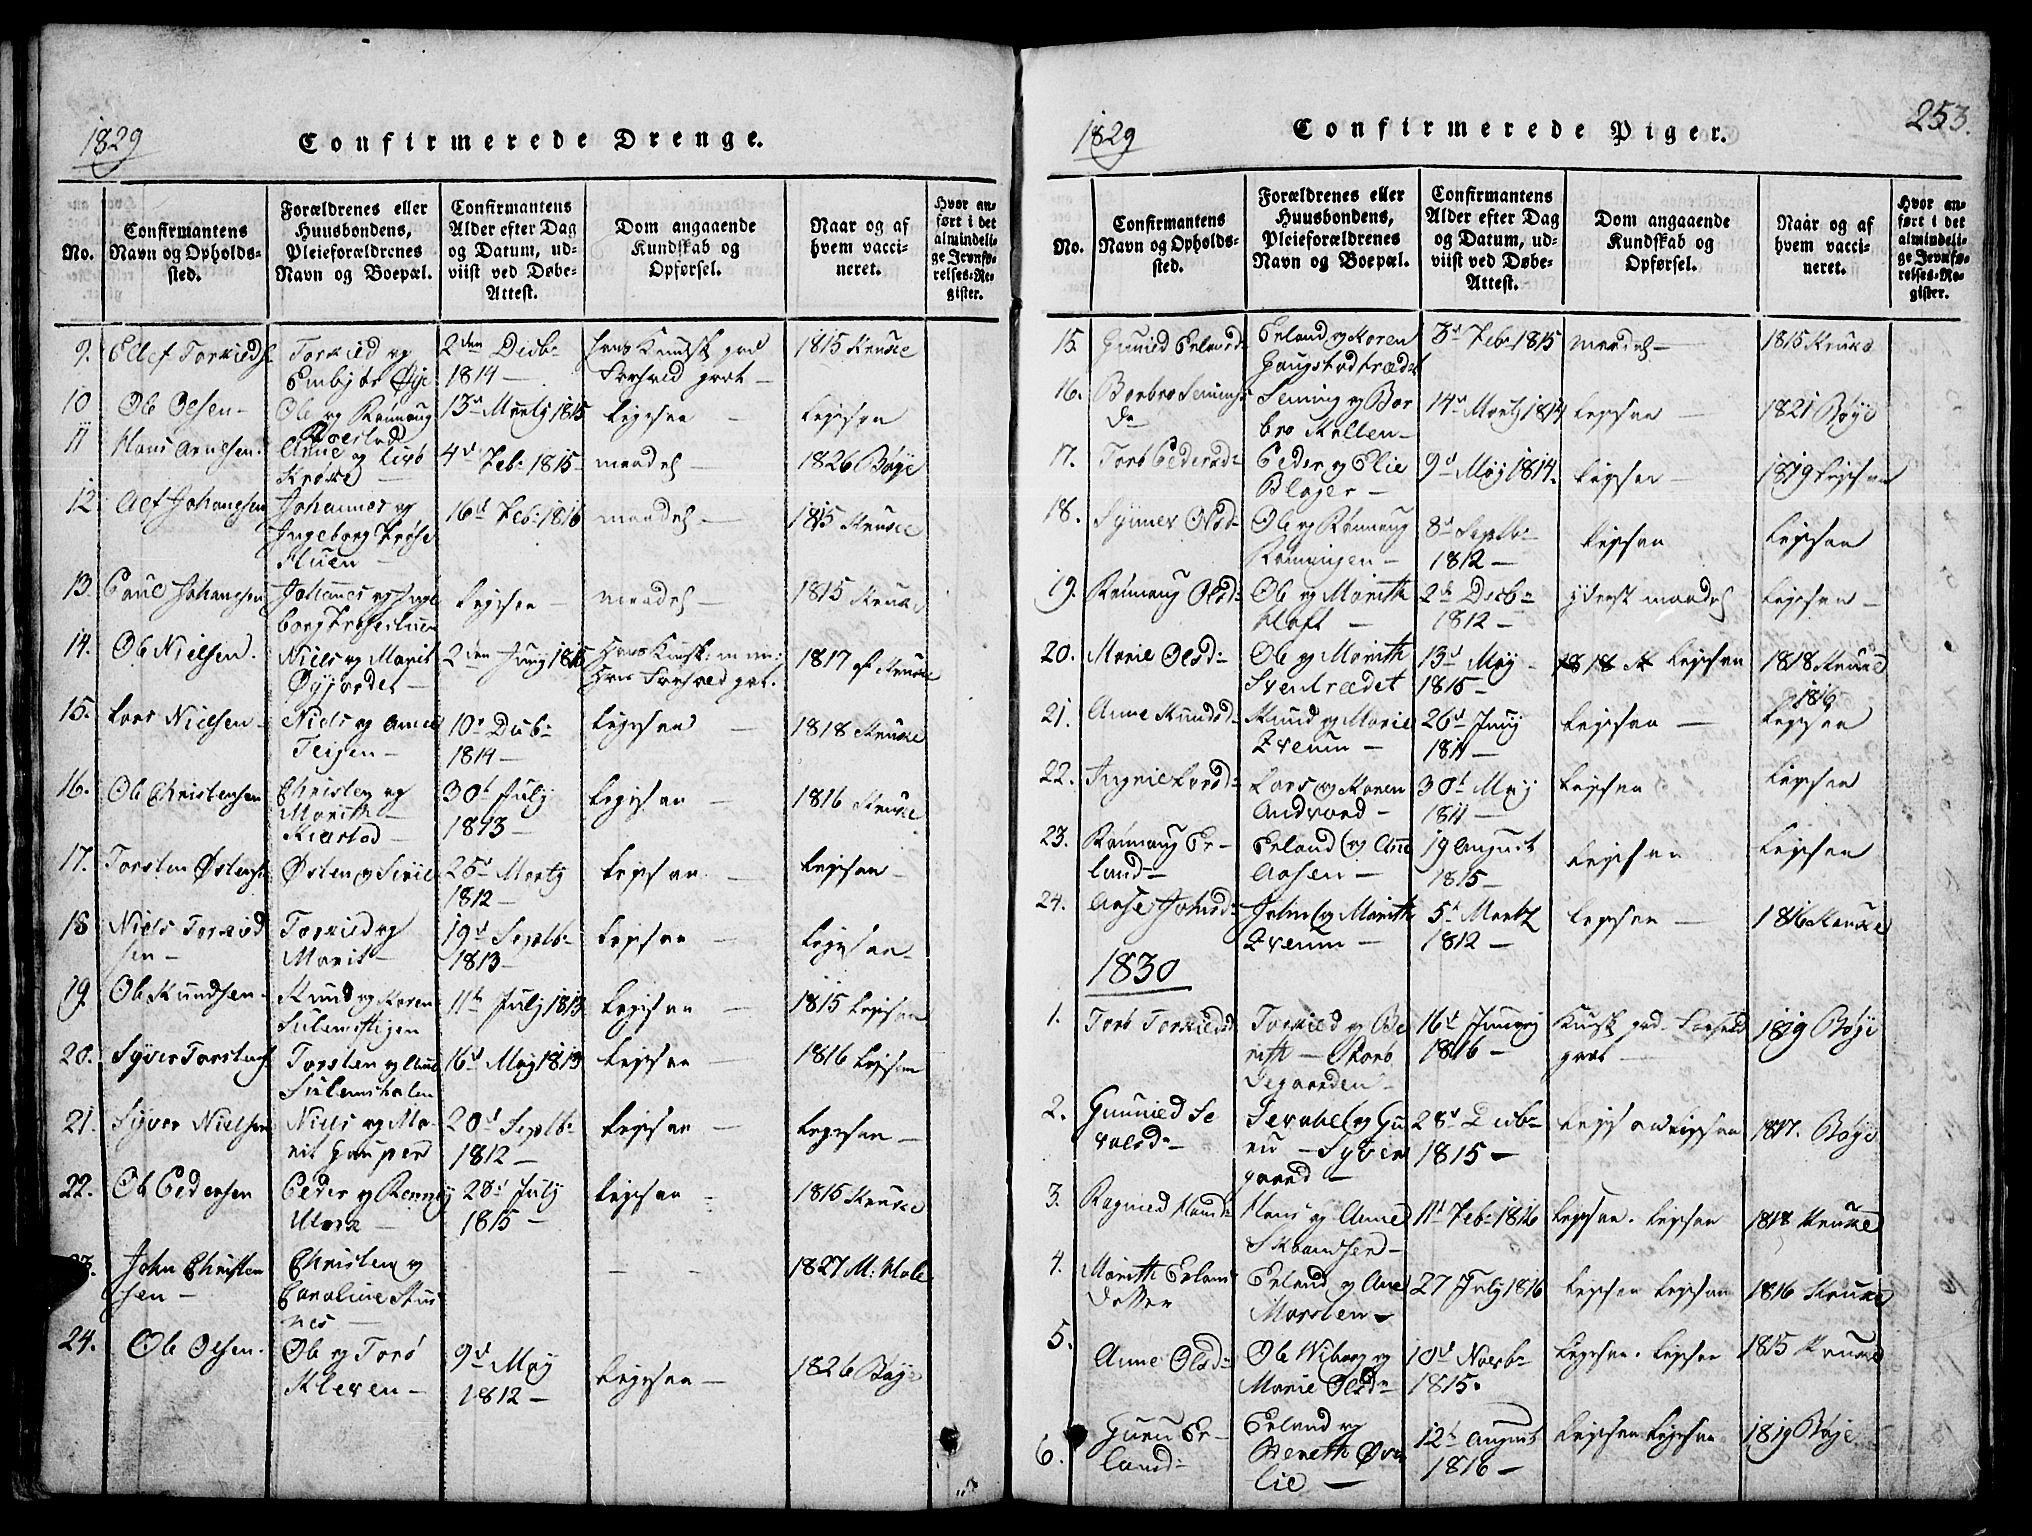 SAH, Lom prestekontor, L/L0001: Klokkerbok nr. 1, 1815-1836, s. 253